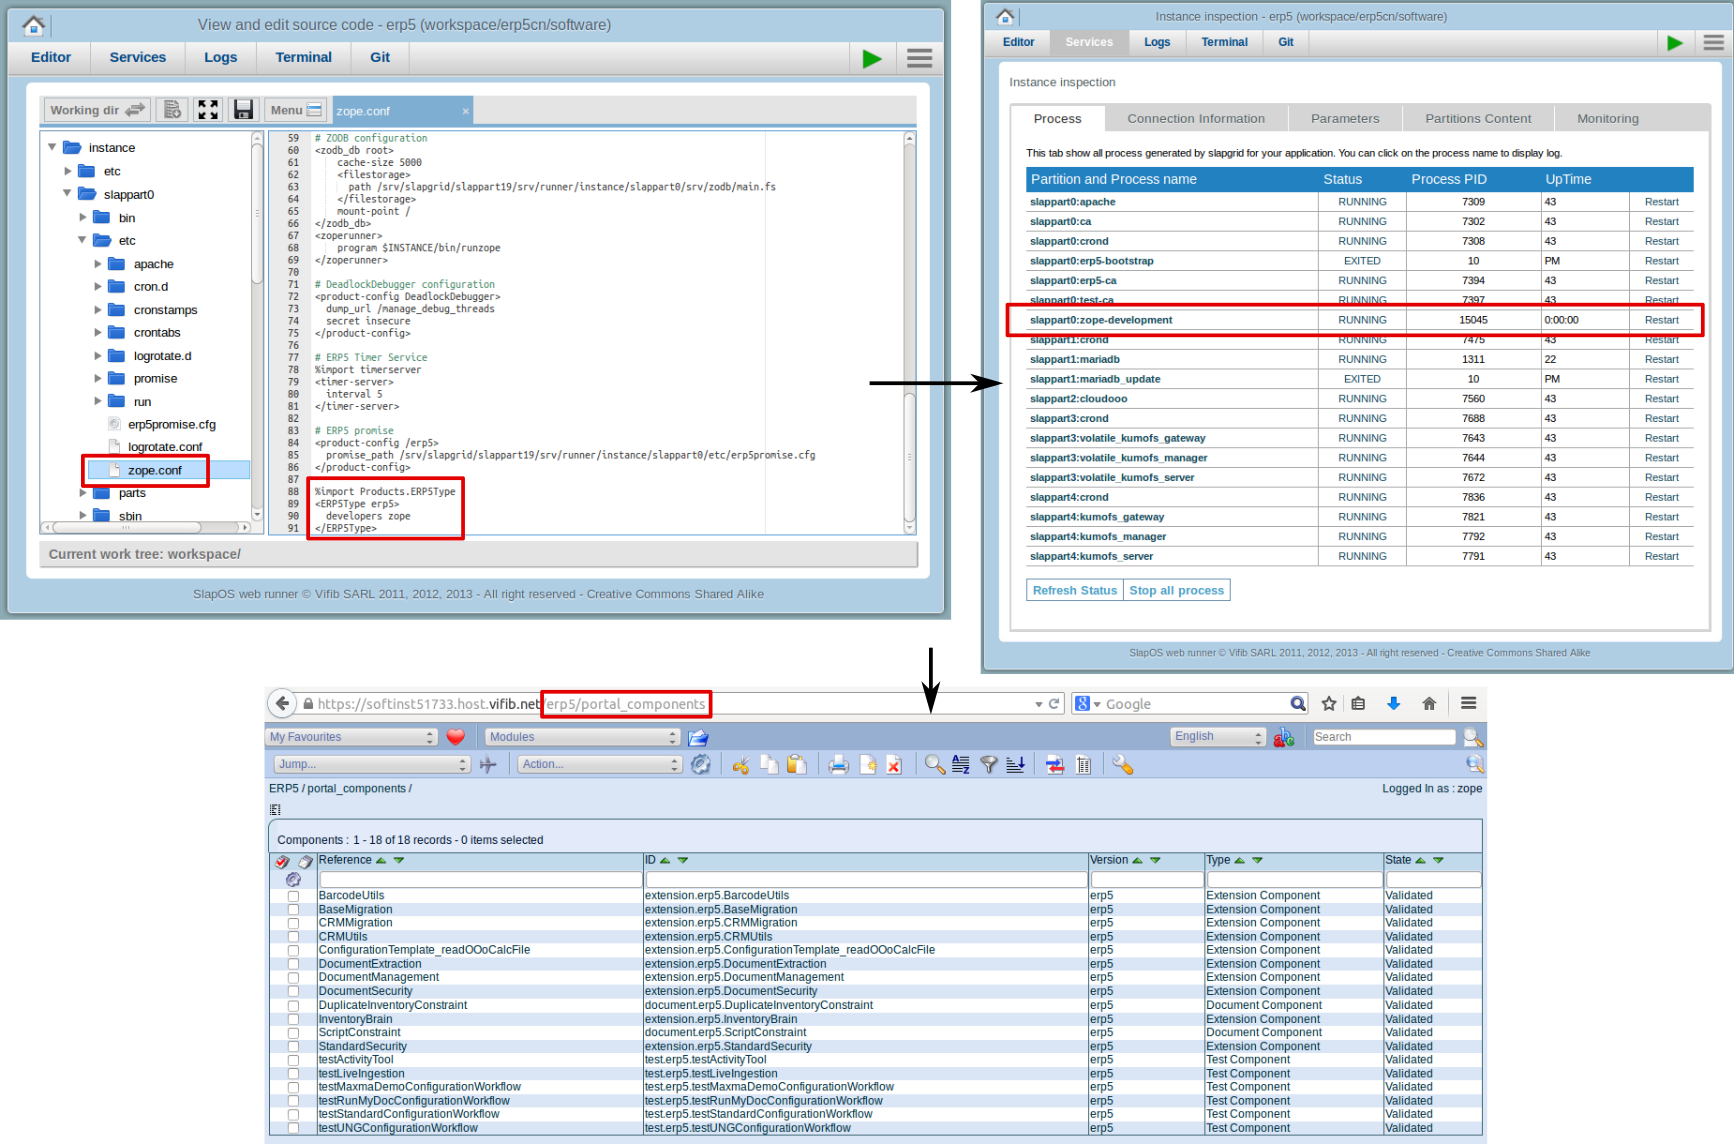 Active Portal Components